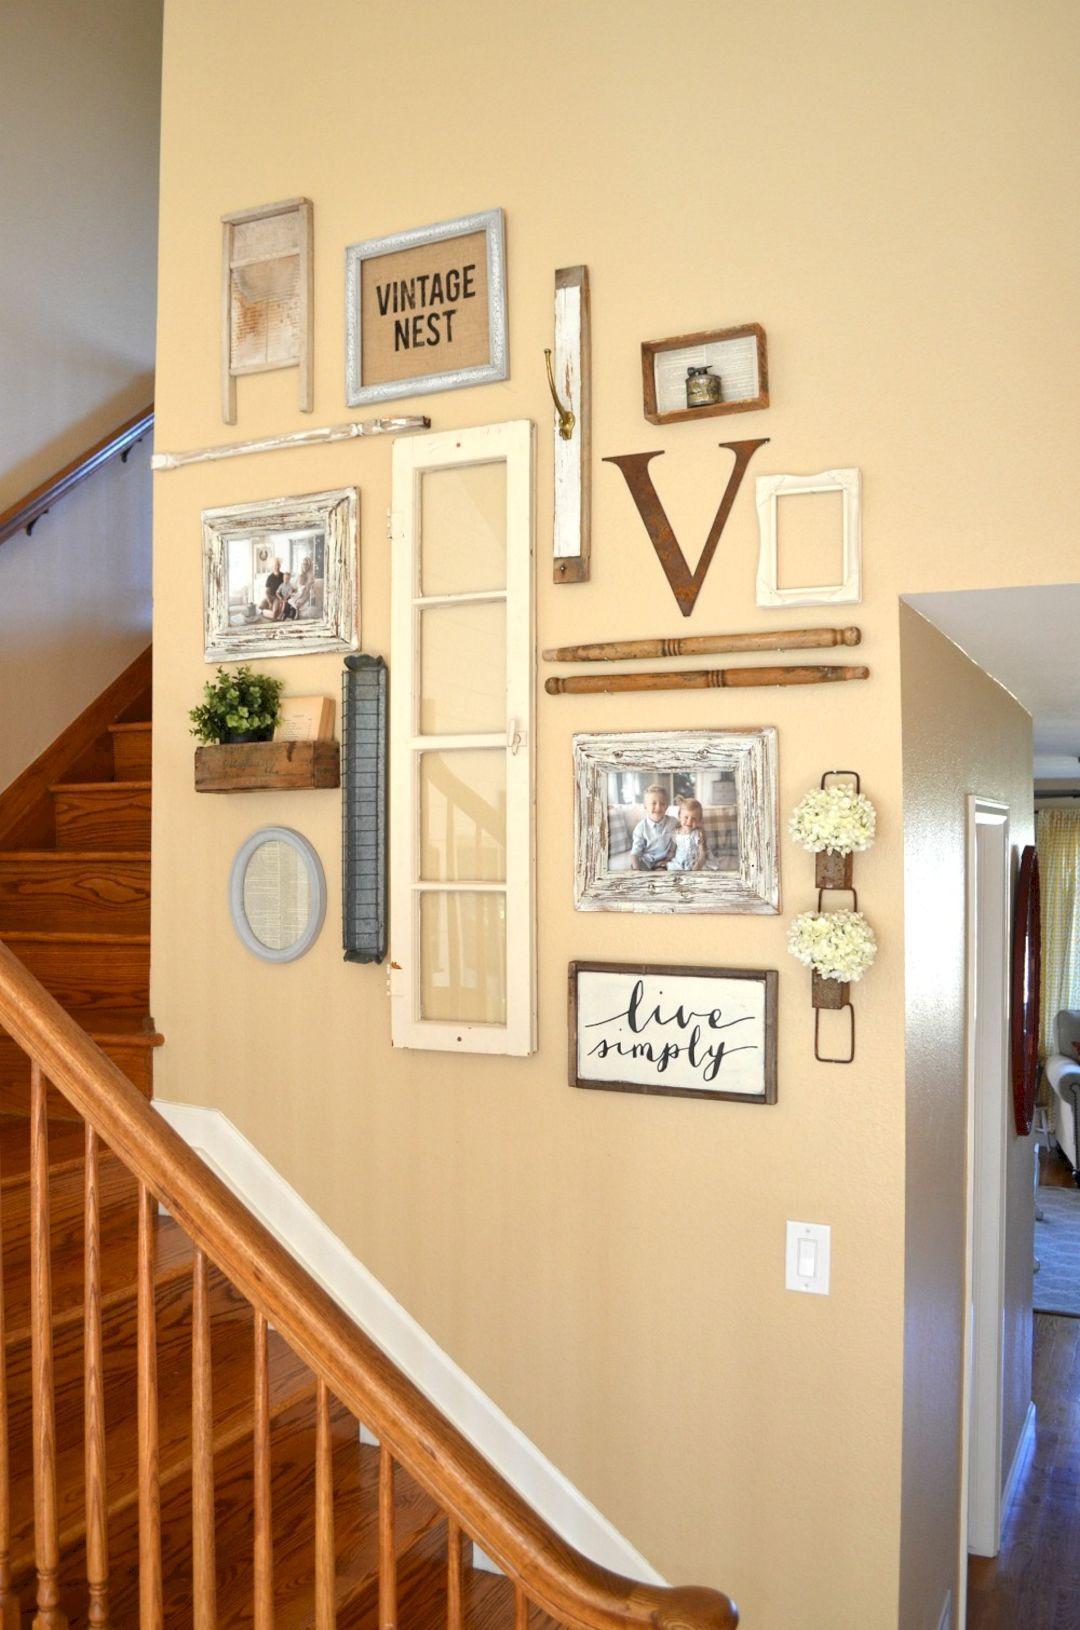 30 Wonderful Stairway Gallery Wall Ideas | Stairway gallery wall ...